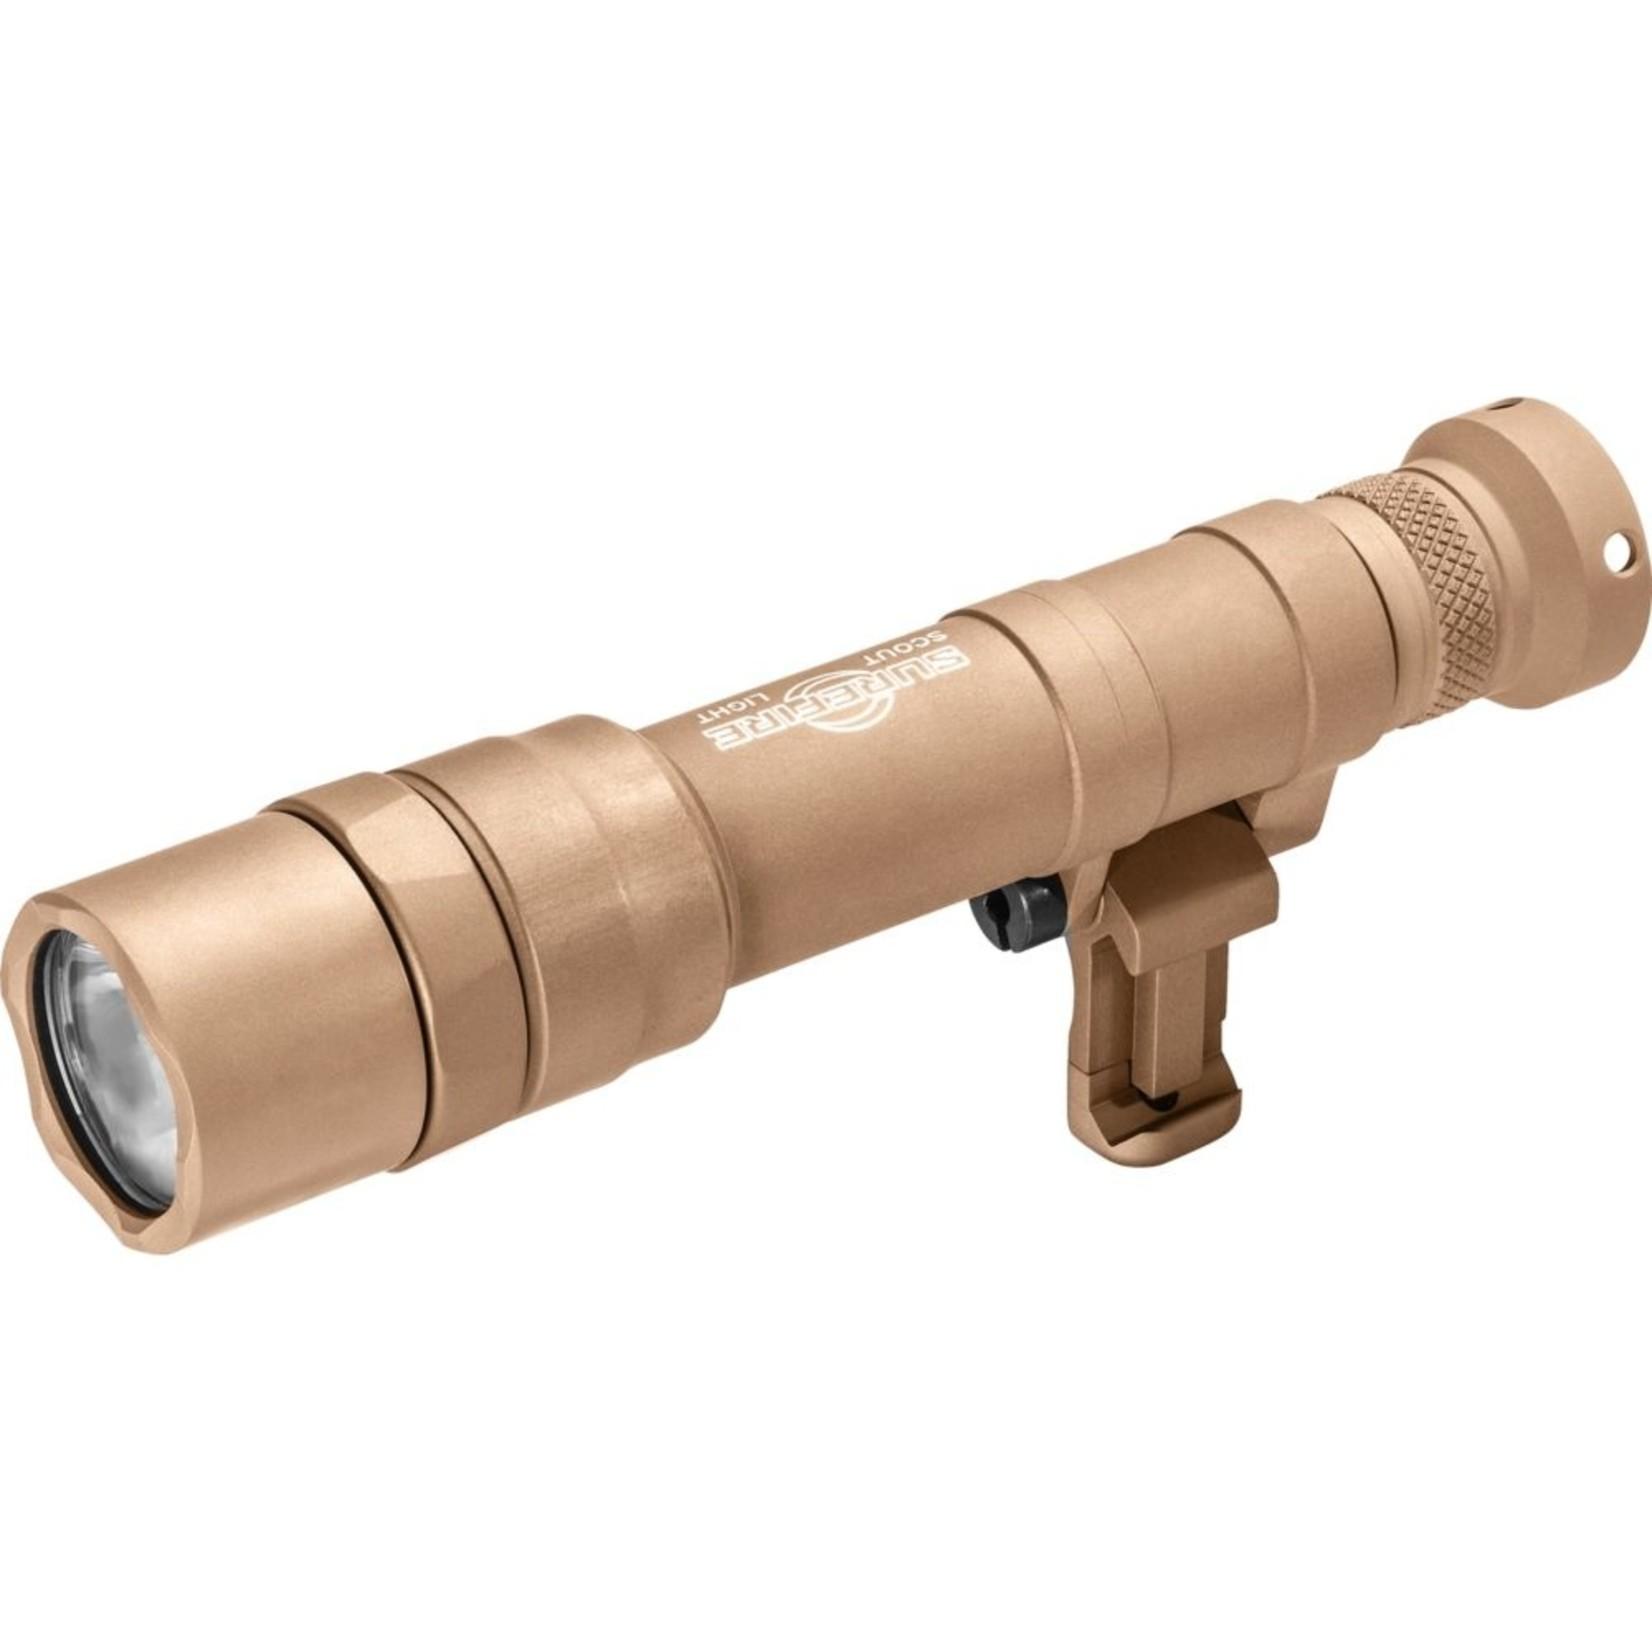 SUREFIRE M640DF DUAL FUEL SCOUT LIGHT PRO